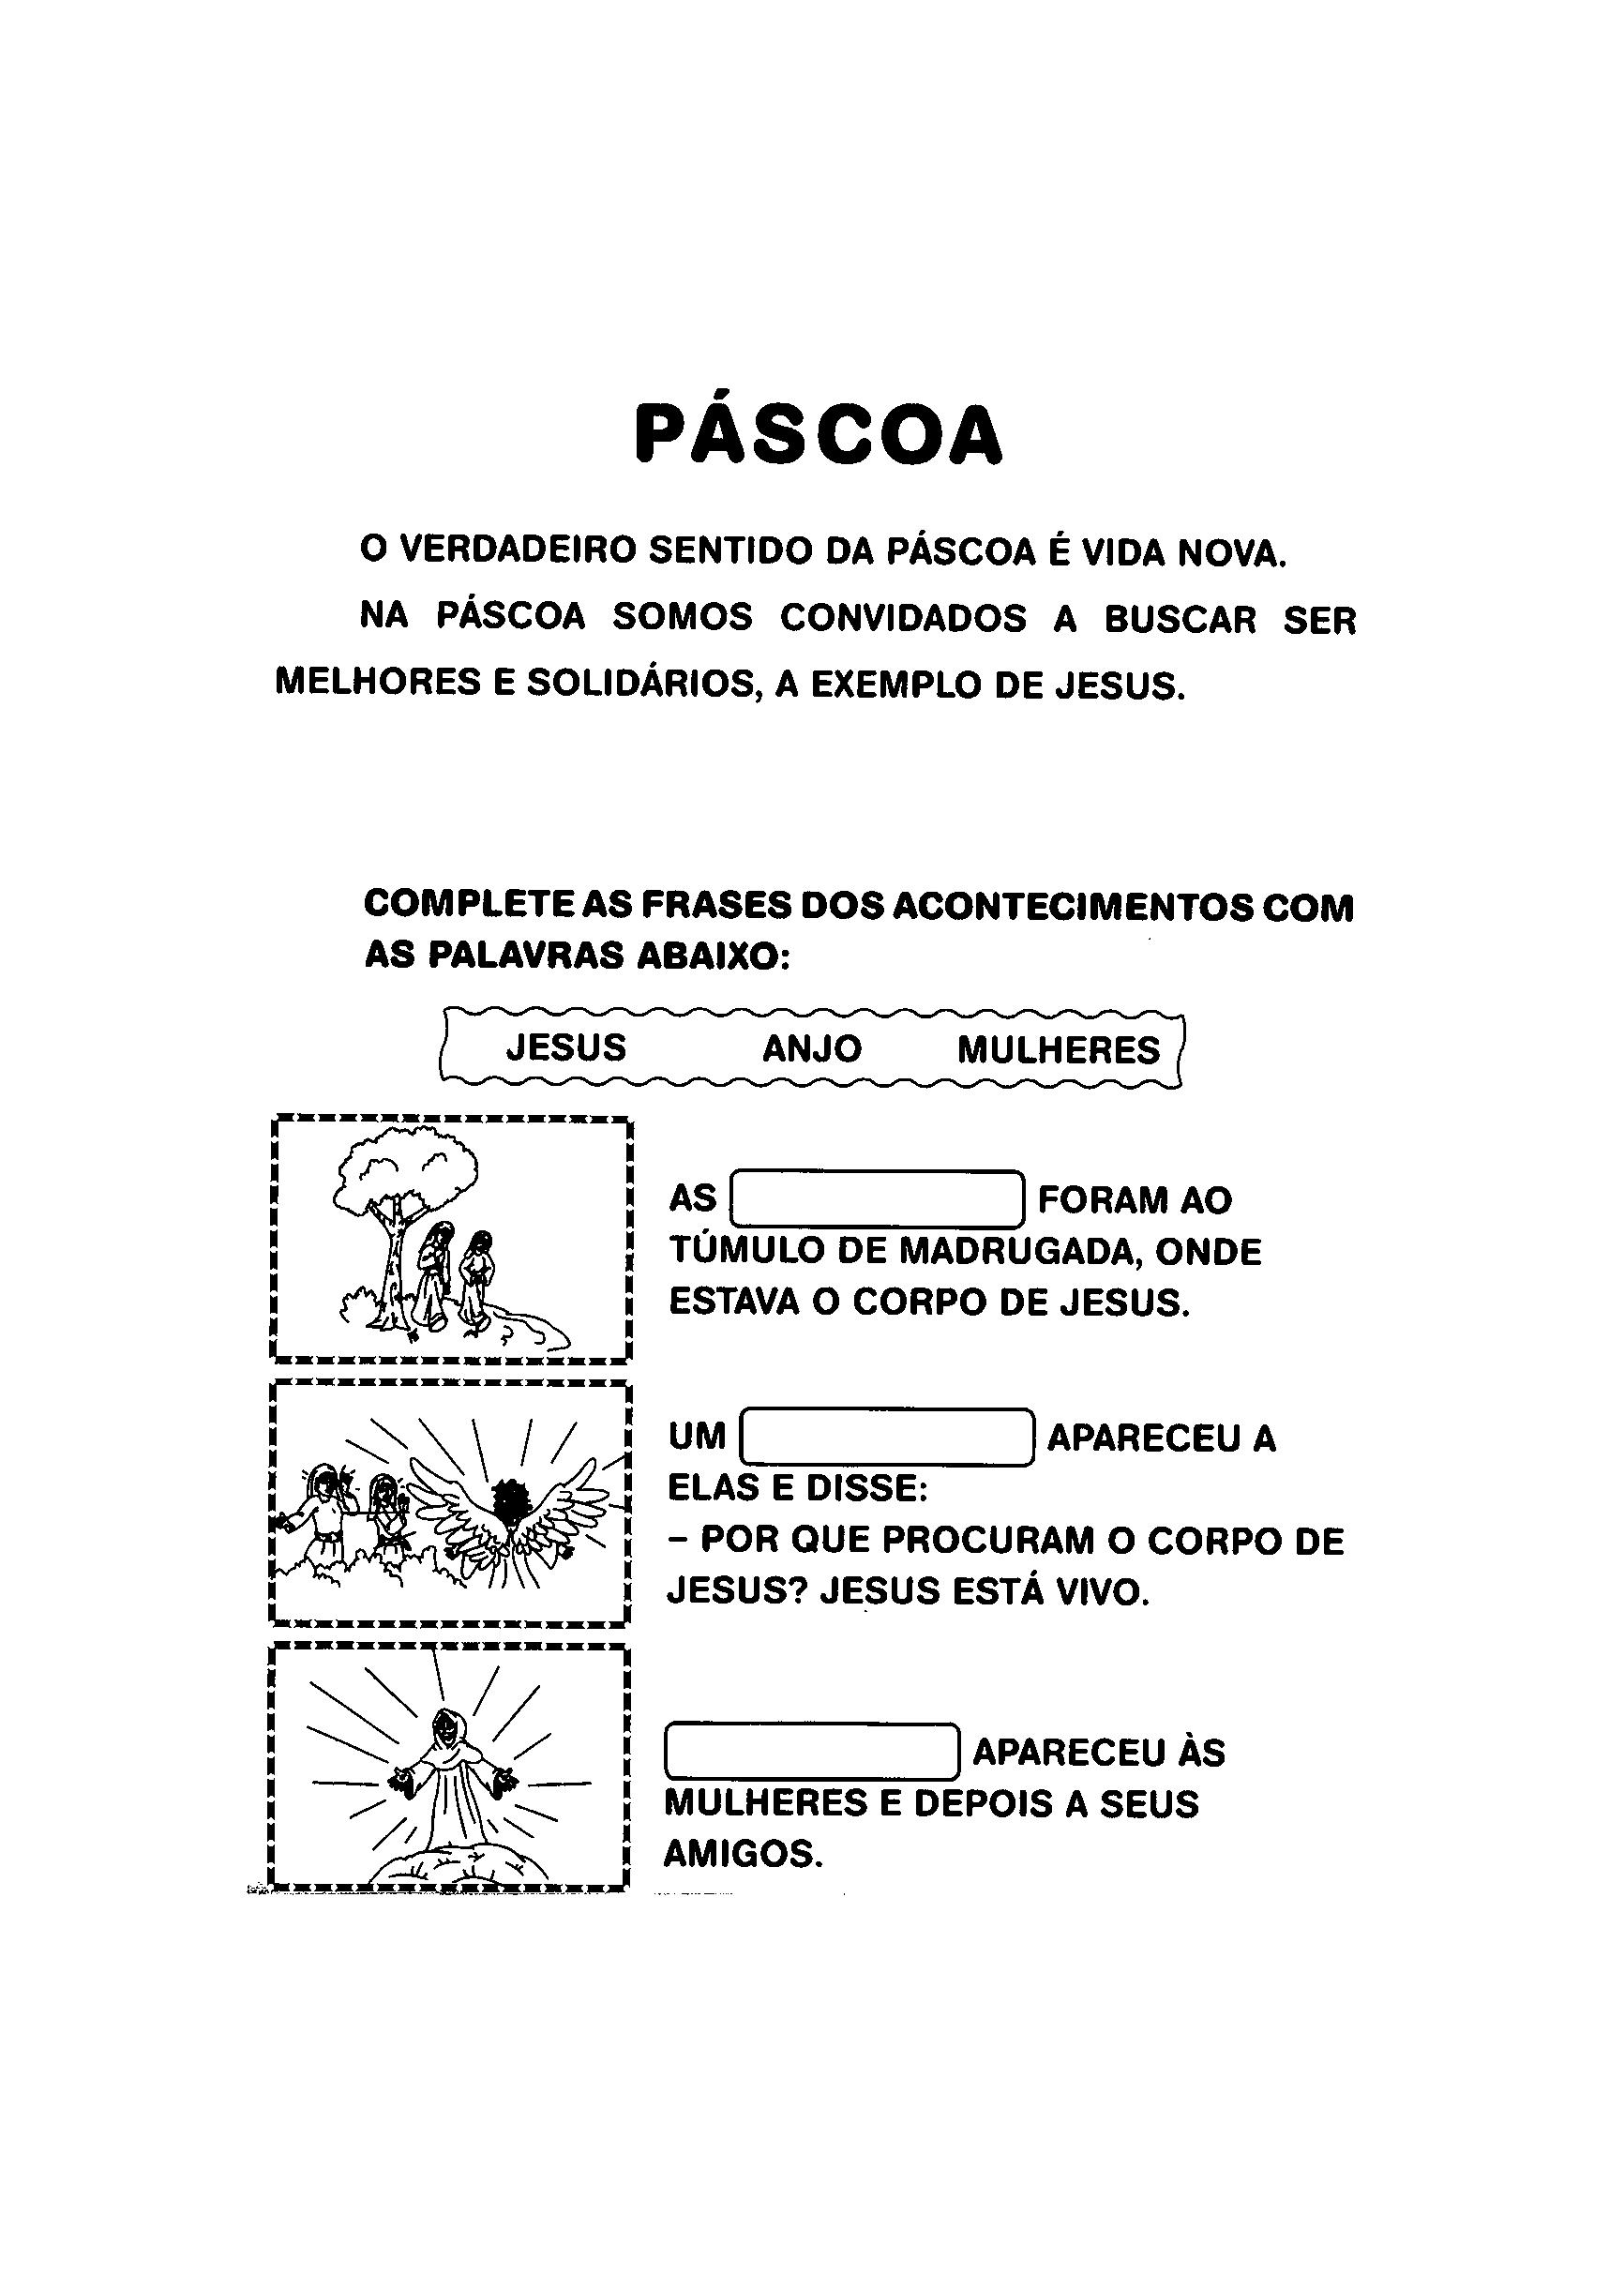 datas_pascoa_alfabetizacao_completar_frases